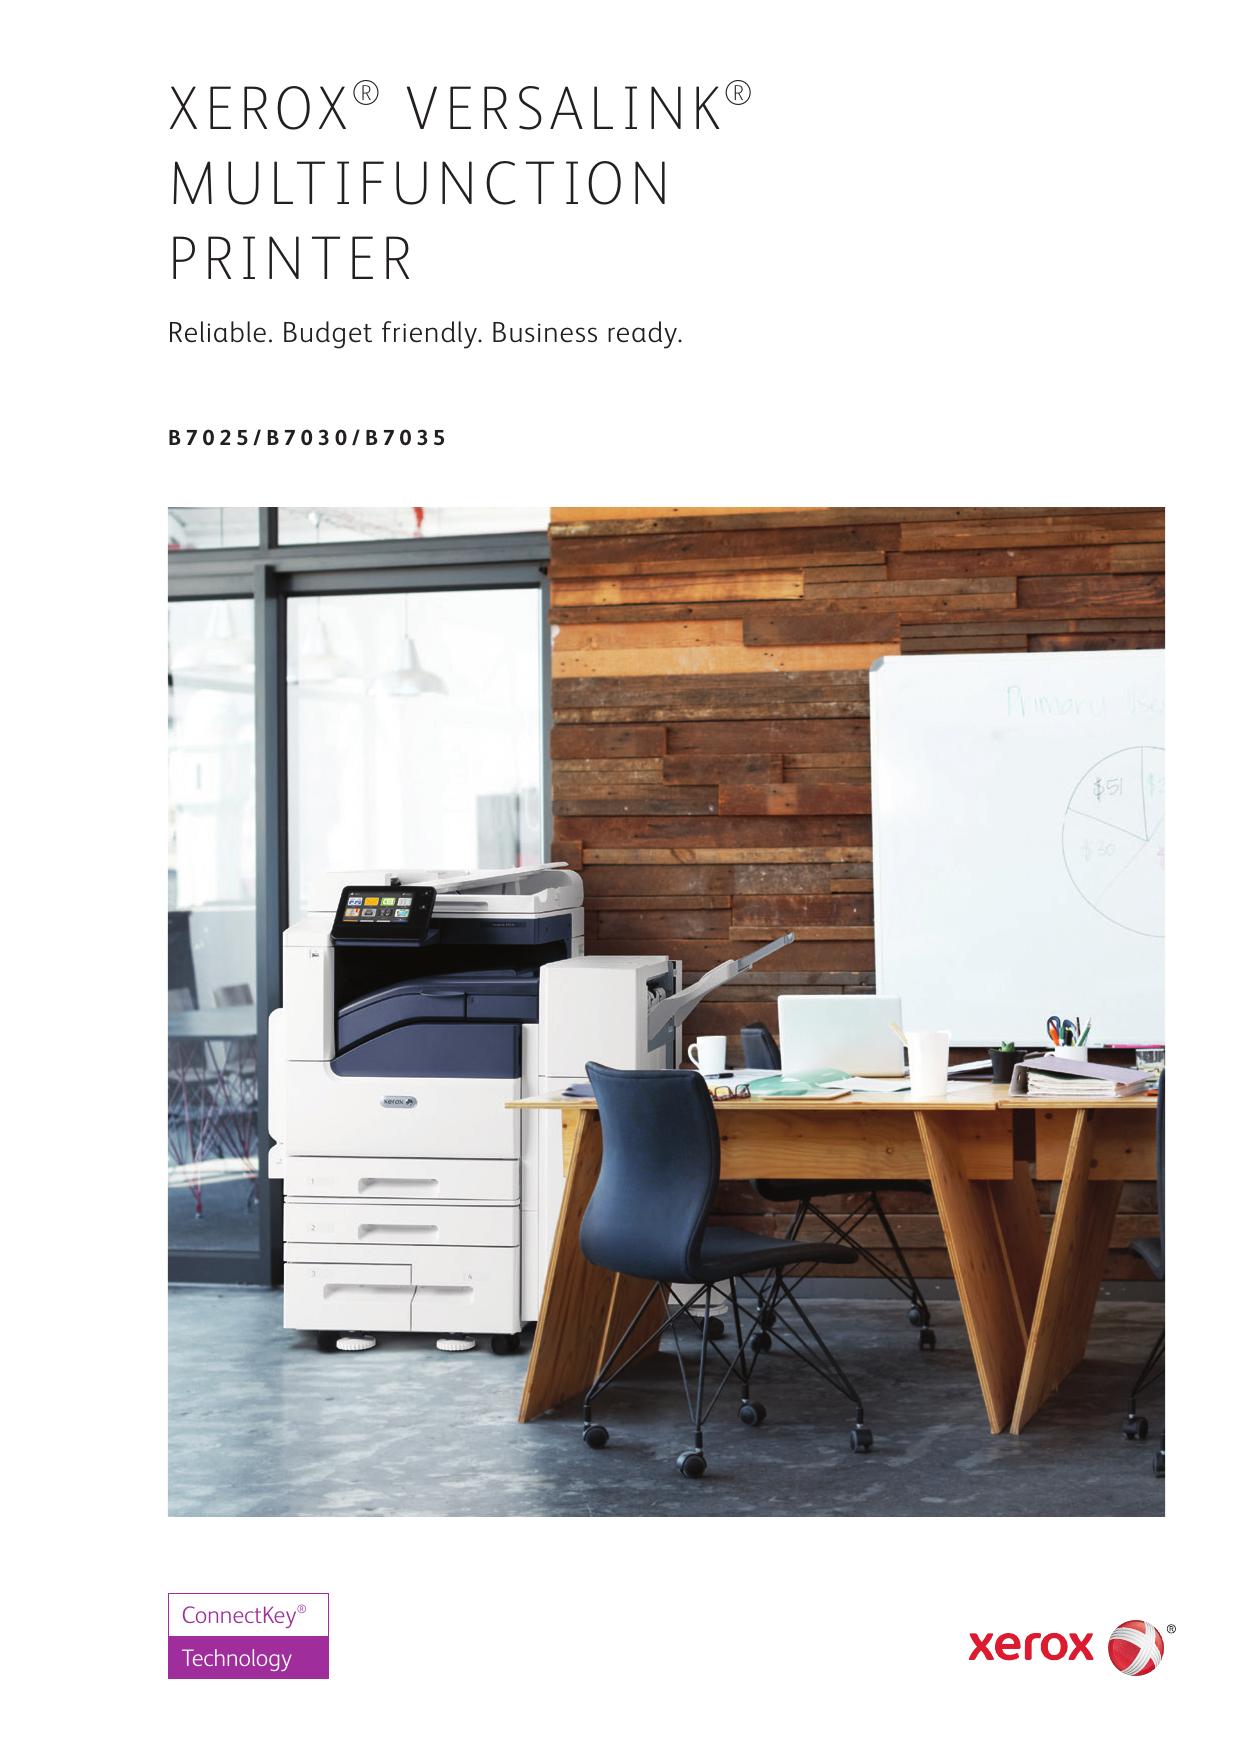 Xerox VersaLink B7025/B7030/B7035 Multifunction Printer